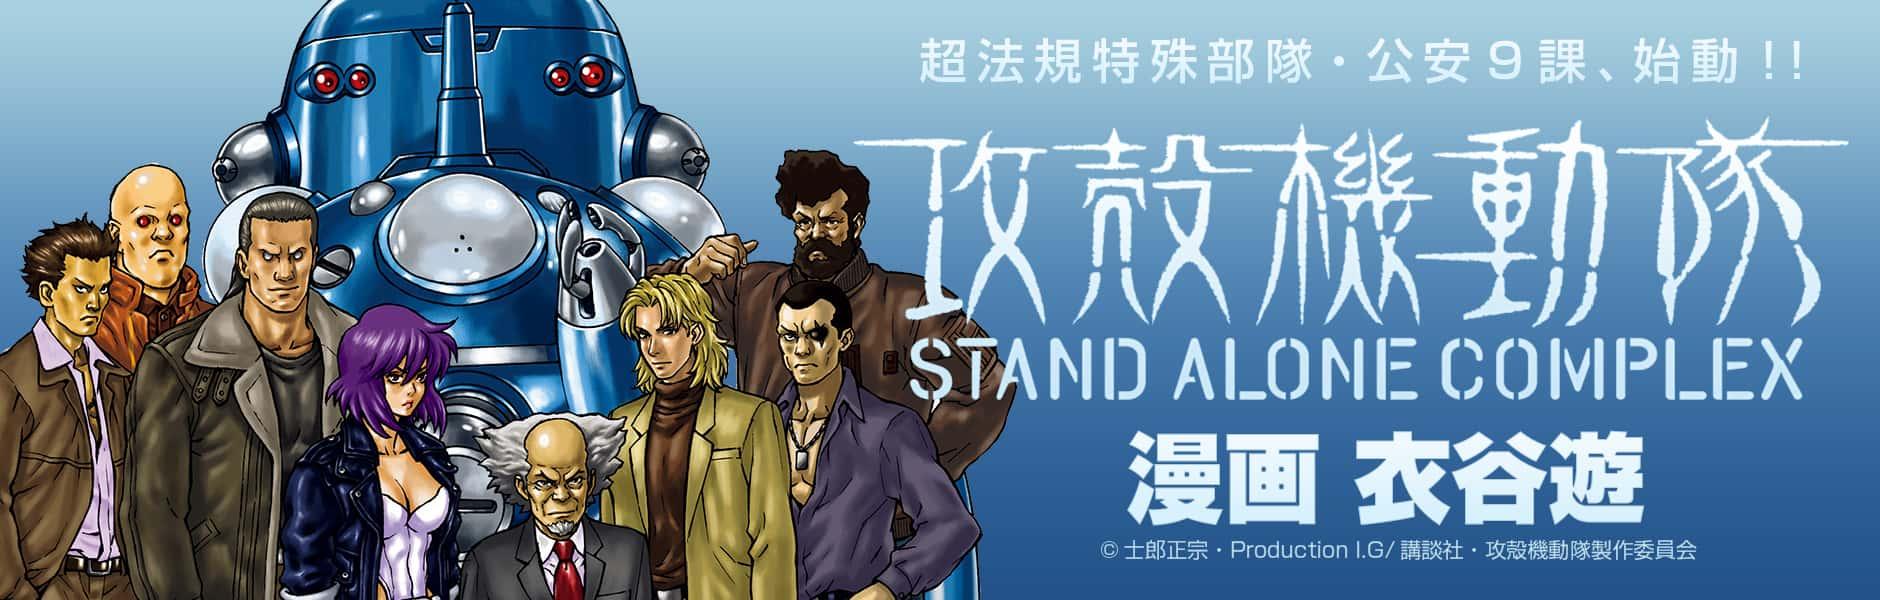 攻殻機動隊 STAND ALONE COMPLEXの画像 p1_25